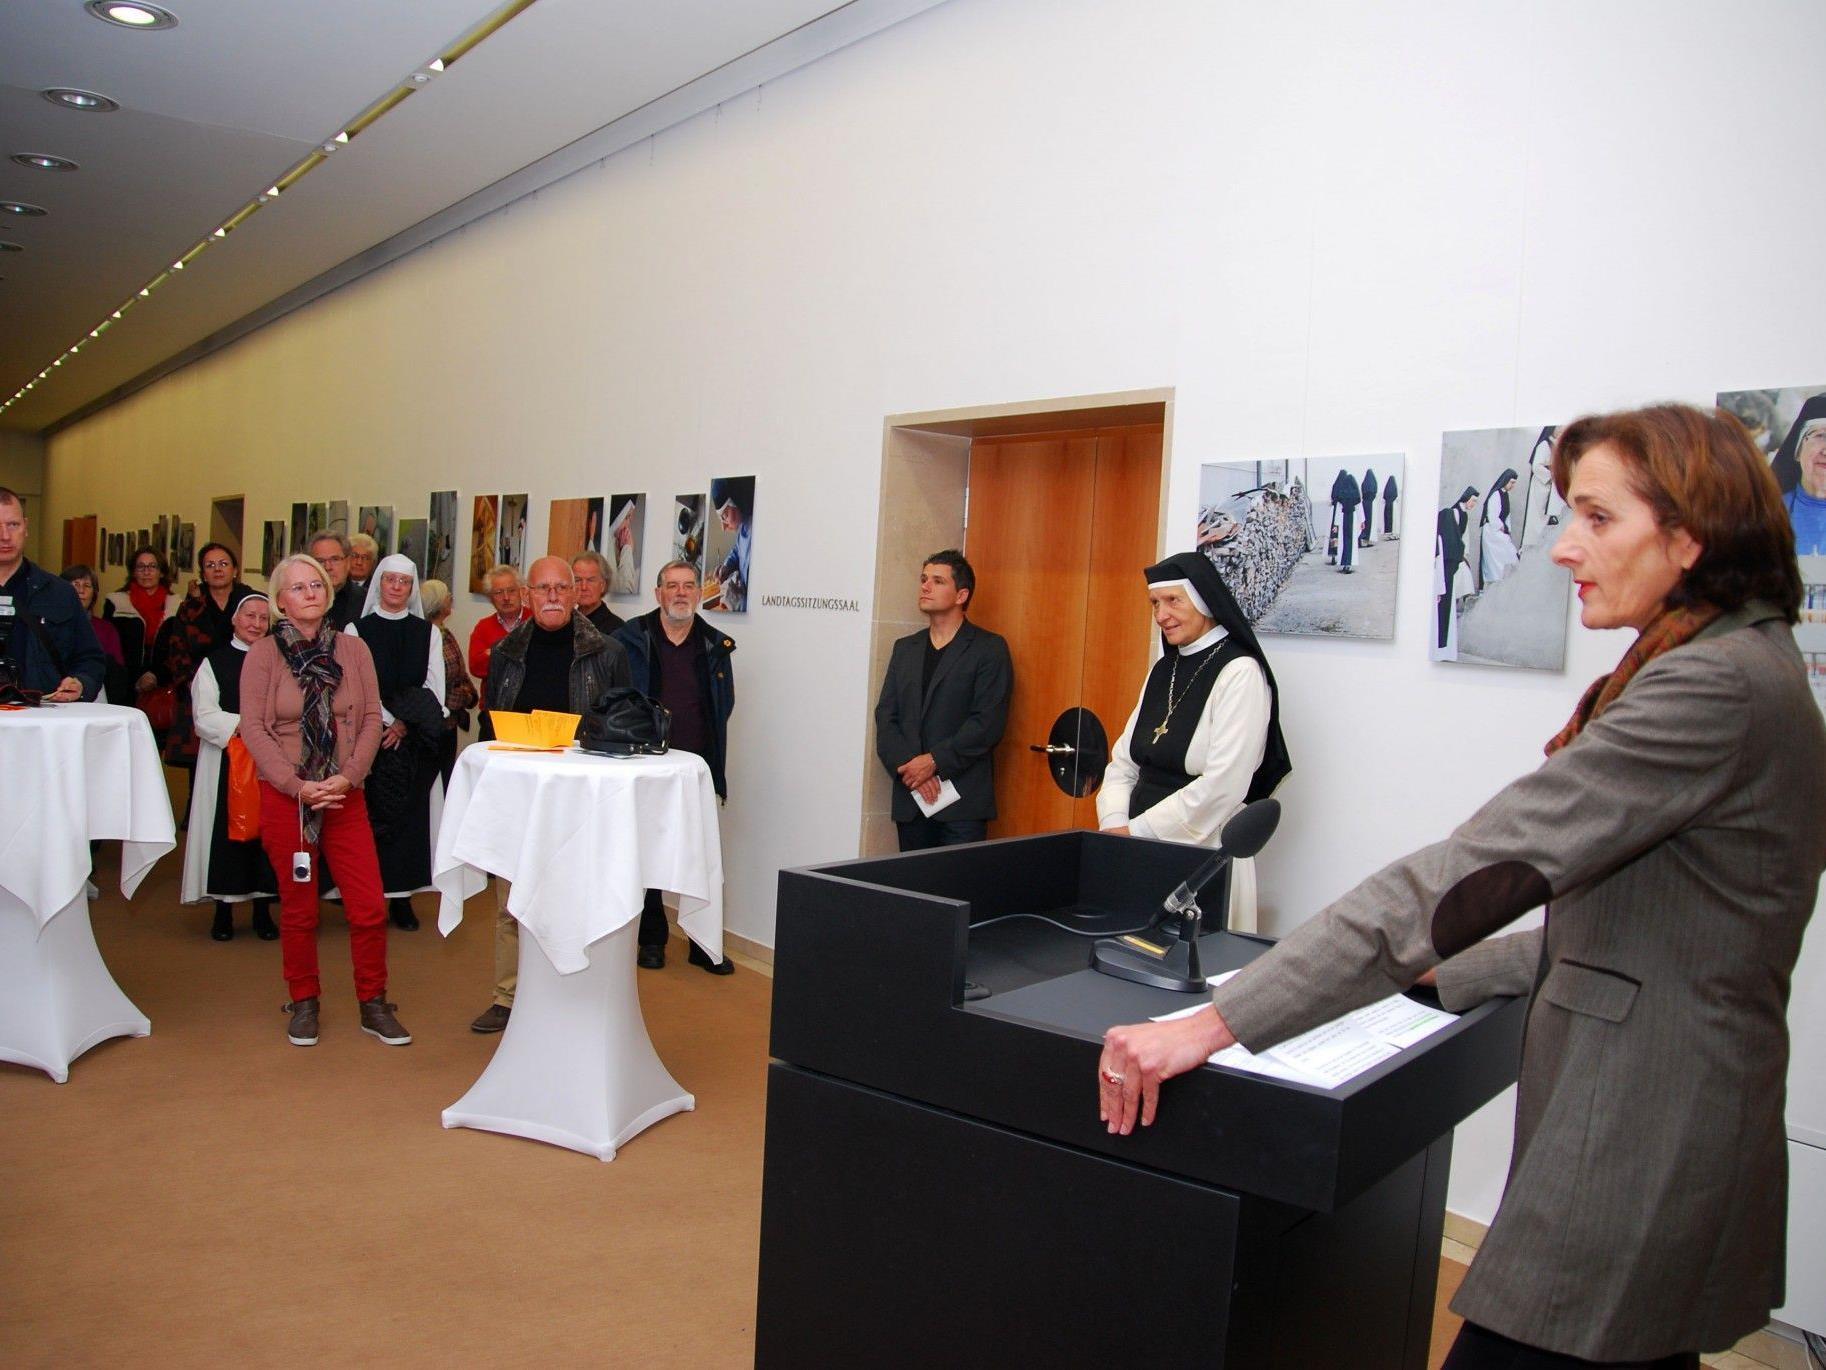 """Landtagspräsidentin Bernadette Mennel eröffnet die Ausstellung """"Beseelte Stille""""."""